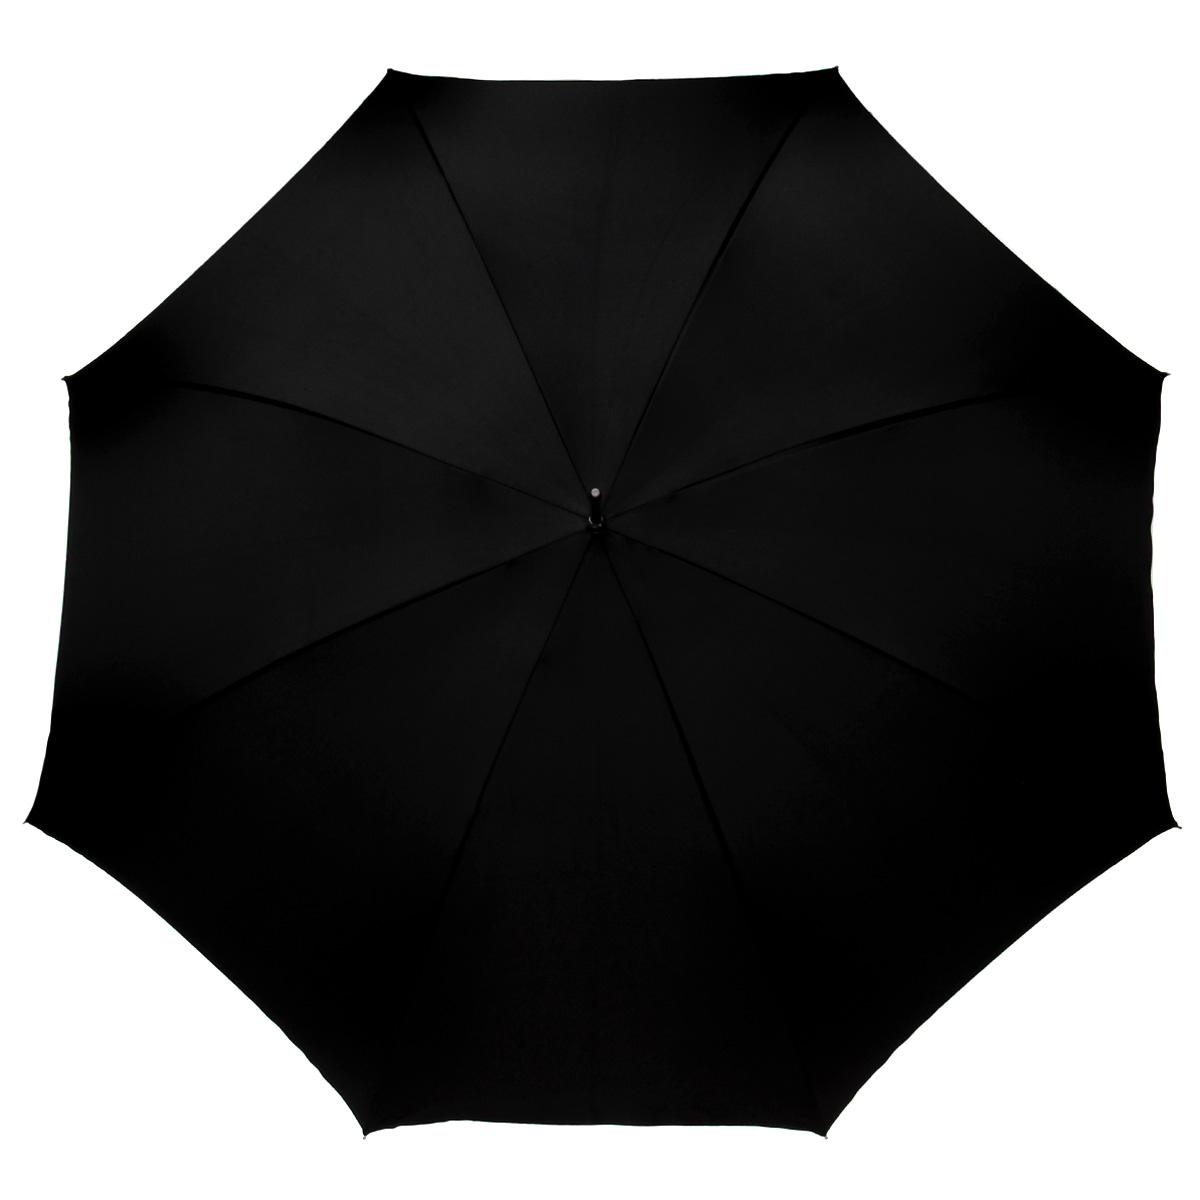 Зонт-трость Pasotti, механический, черный, белый188-black-T14Стильный механический зонт-трость Pasotti даже в ненастную погоду позволит вам оставаться элегантной. Каркас зонта из стали состоит из восьми спиц. Рукоятка удобной закругленной формы выполнена из стали с изящным орнаментом и оформлена крупным стразом. Закрытый купол фиксируется декоративным металлическим кольцом. Зонт имеет механический тип сложения: купол открывается и закрывается вручную. Двухслойный купол зонта выполнен из прочного сатина, внутренняя сторона декорирована оригинальными принтами, декорированными стразами. Такой зонт не только надежно защитит вас от дождя, но станет стильным аксессуаром и позволит вам подчеркнуть свою индивидуальность.